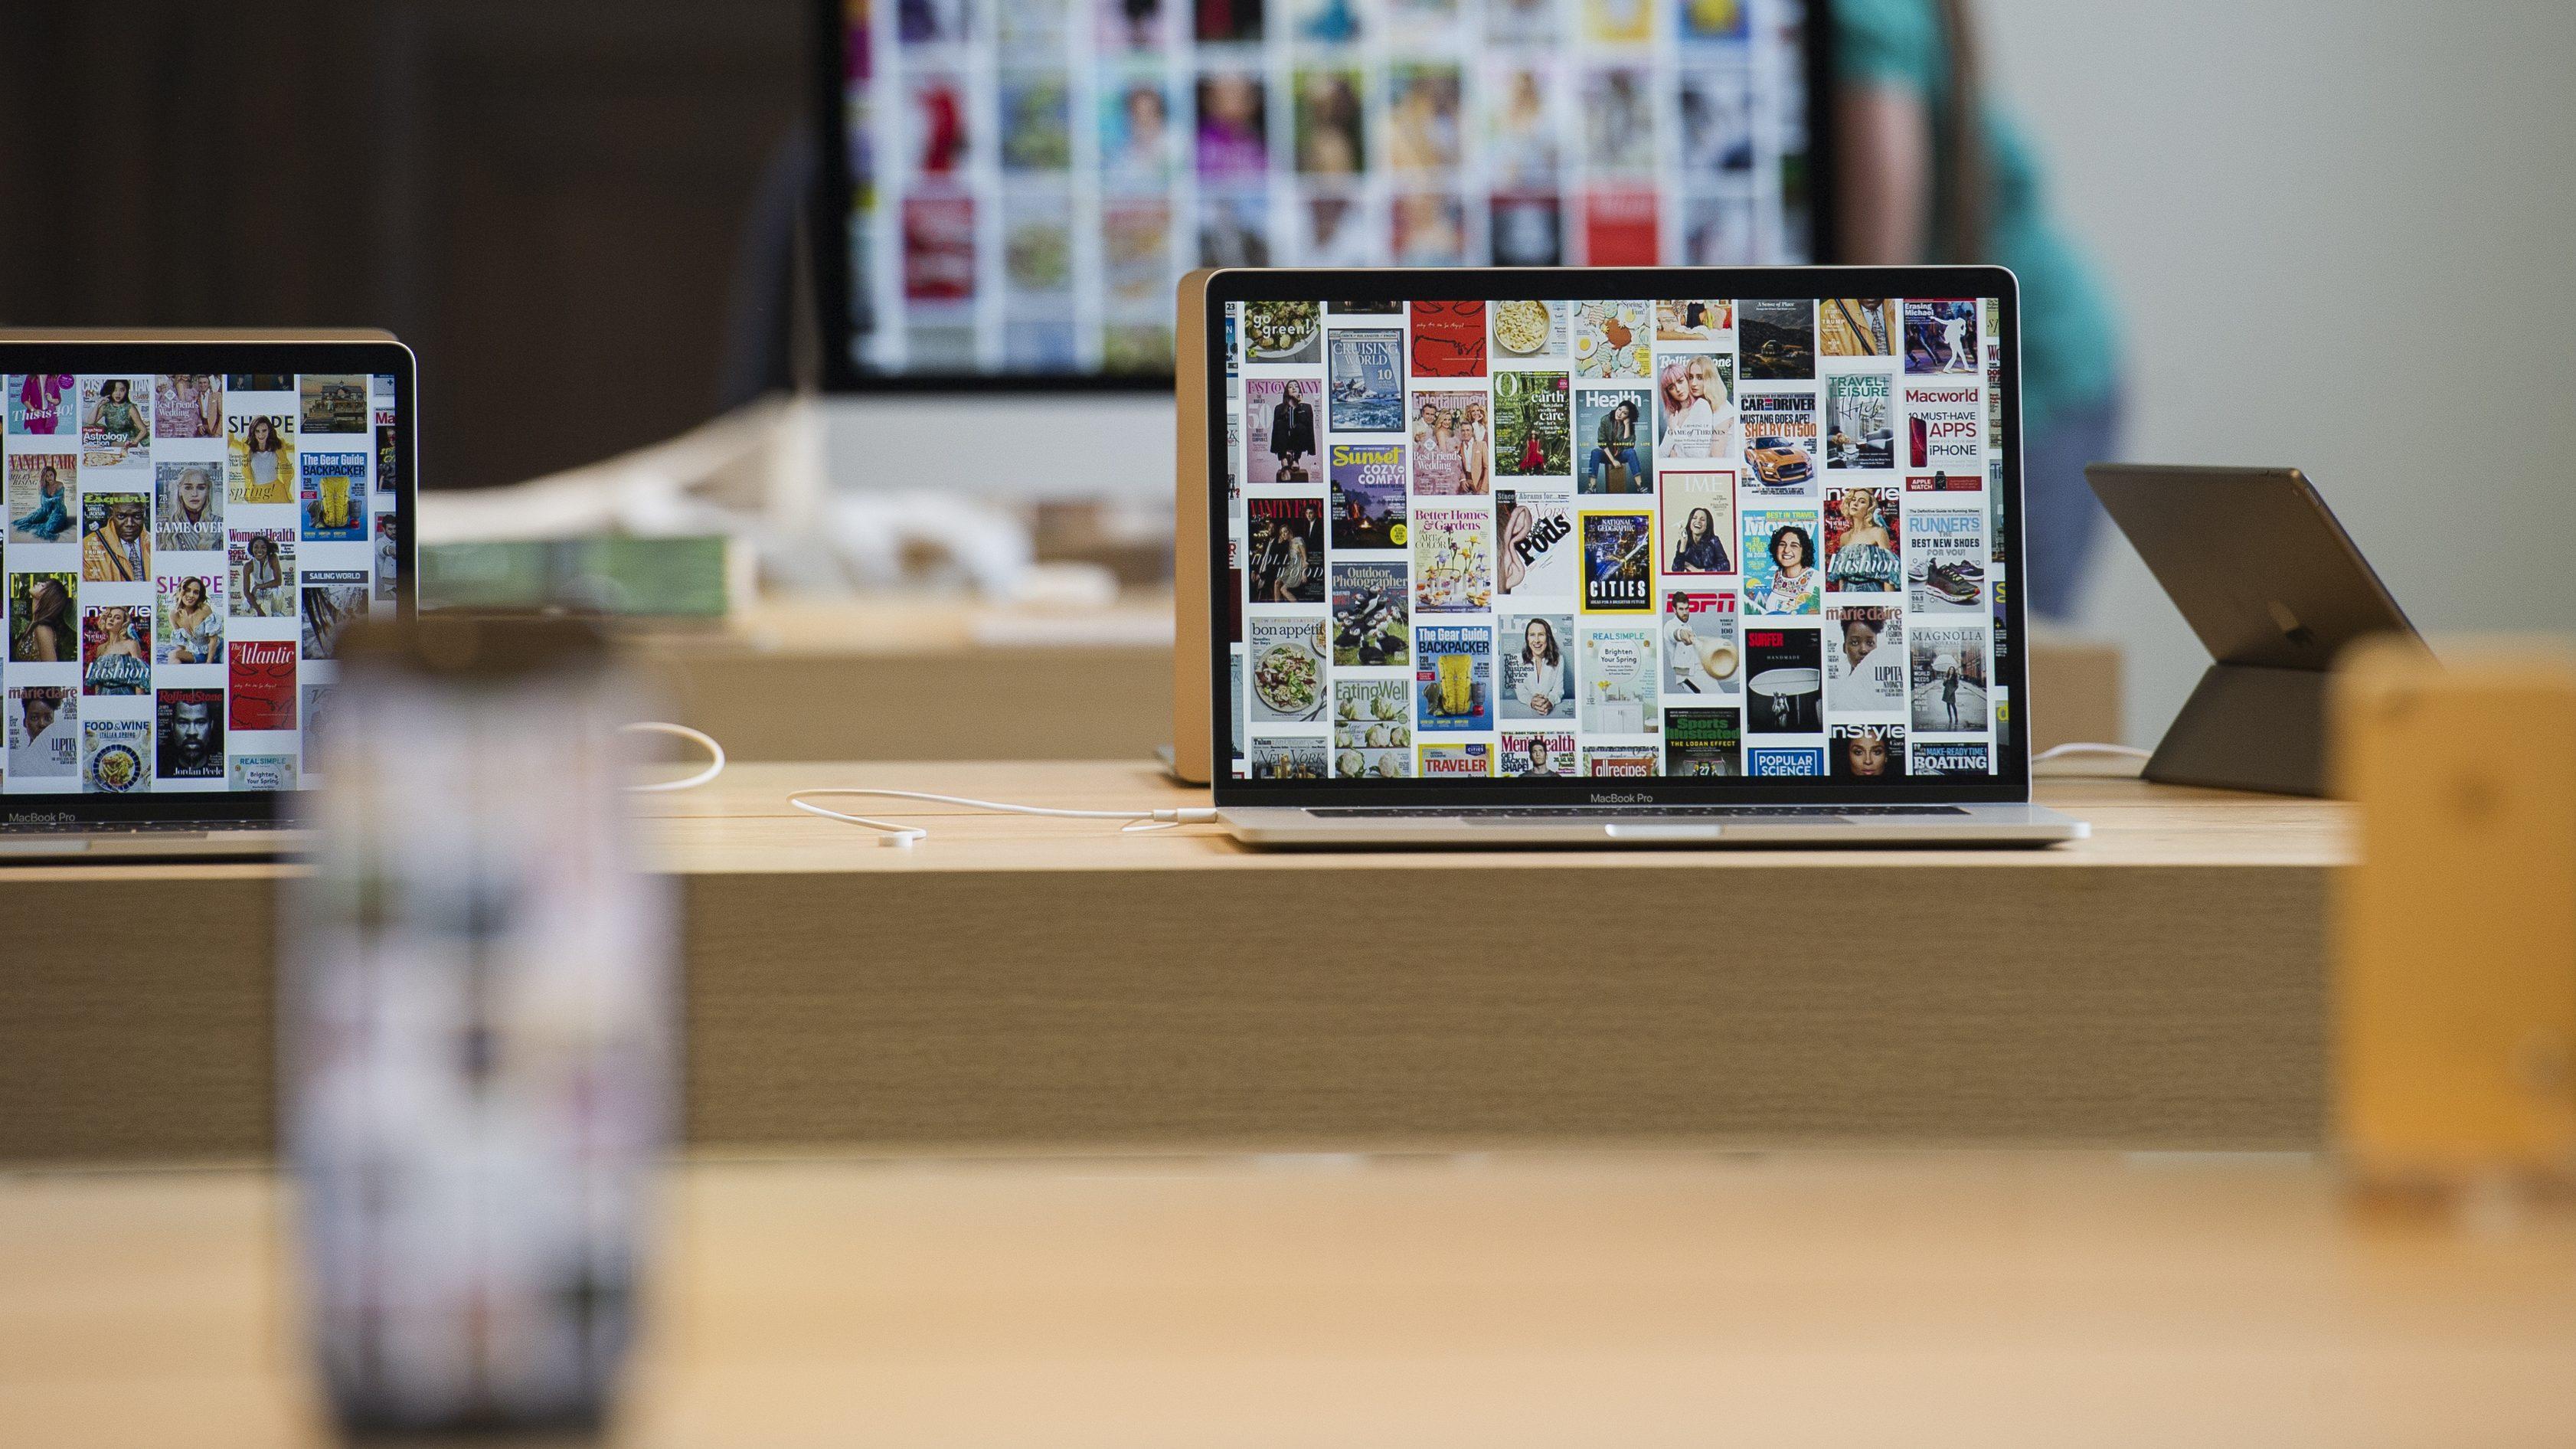 Apple iPhones and Macs